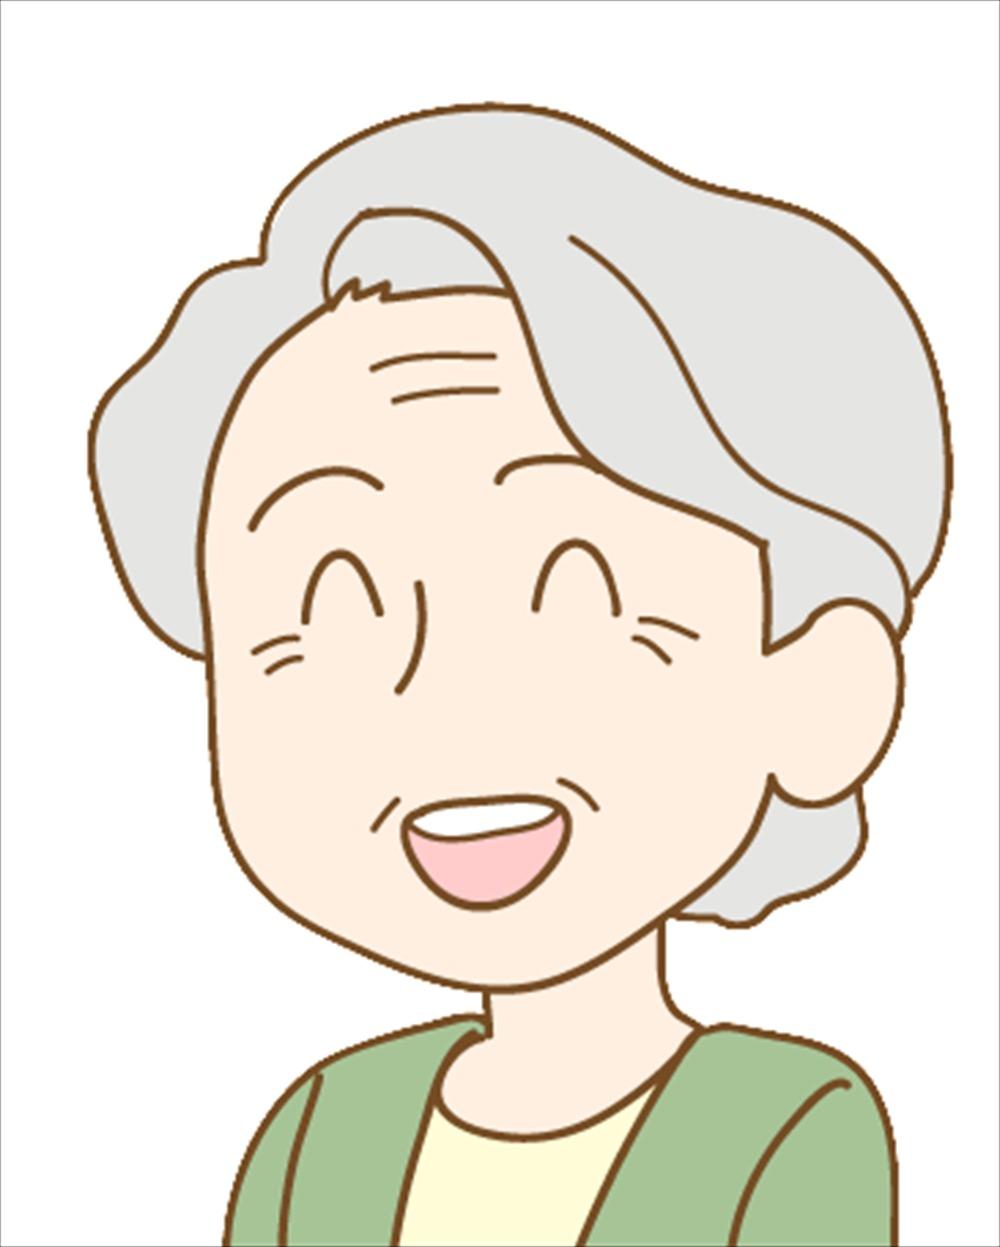 歯は健康と長寿につながっている